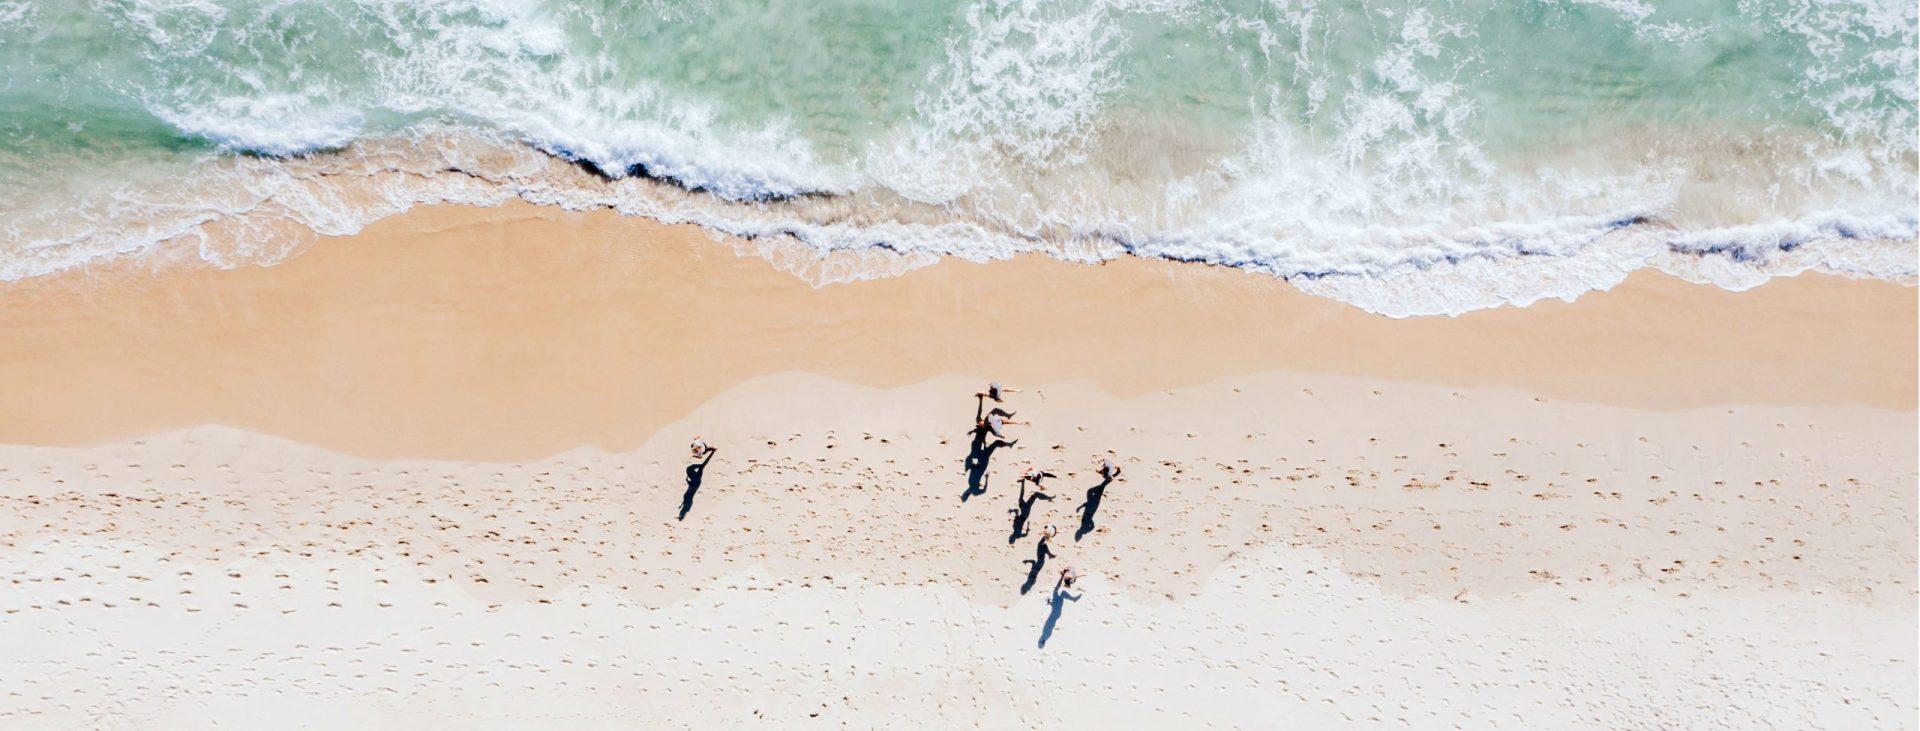 City beach running WA